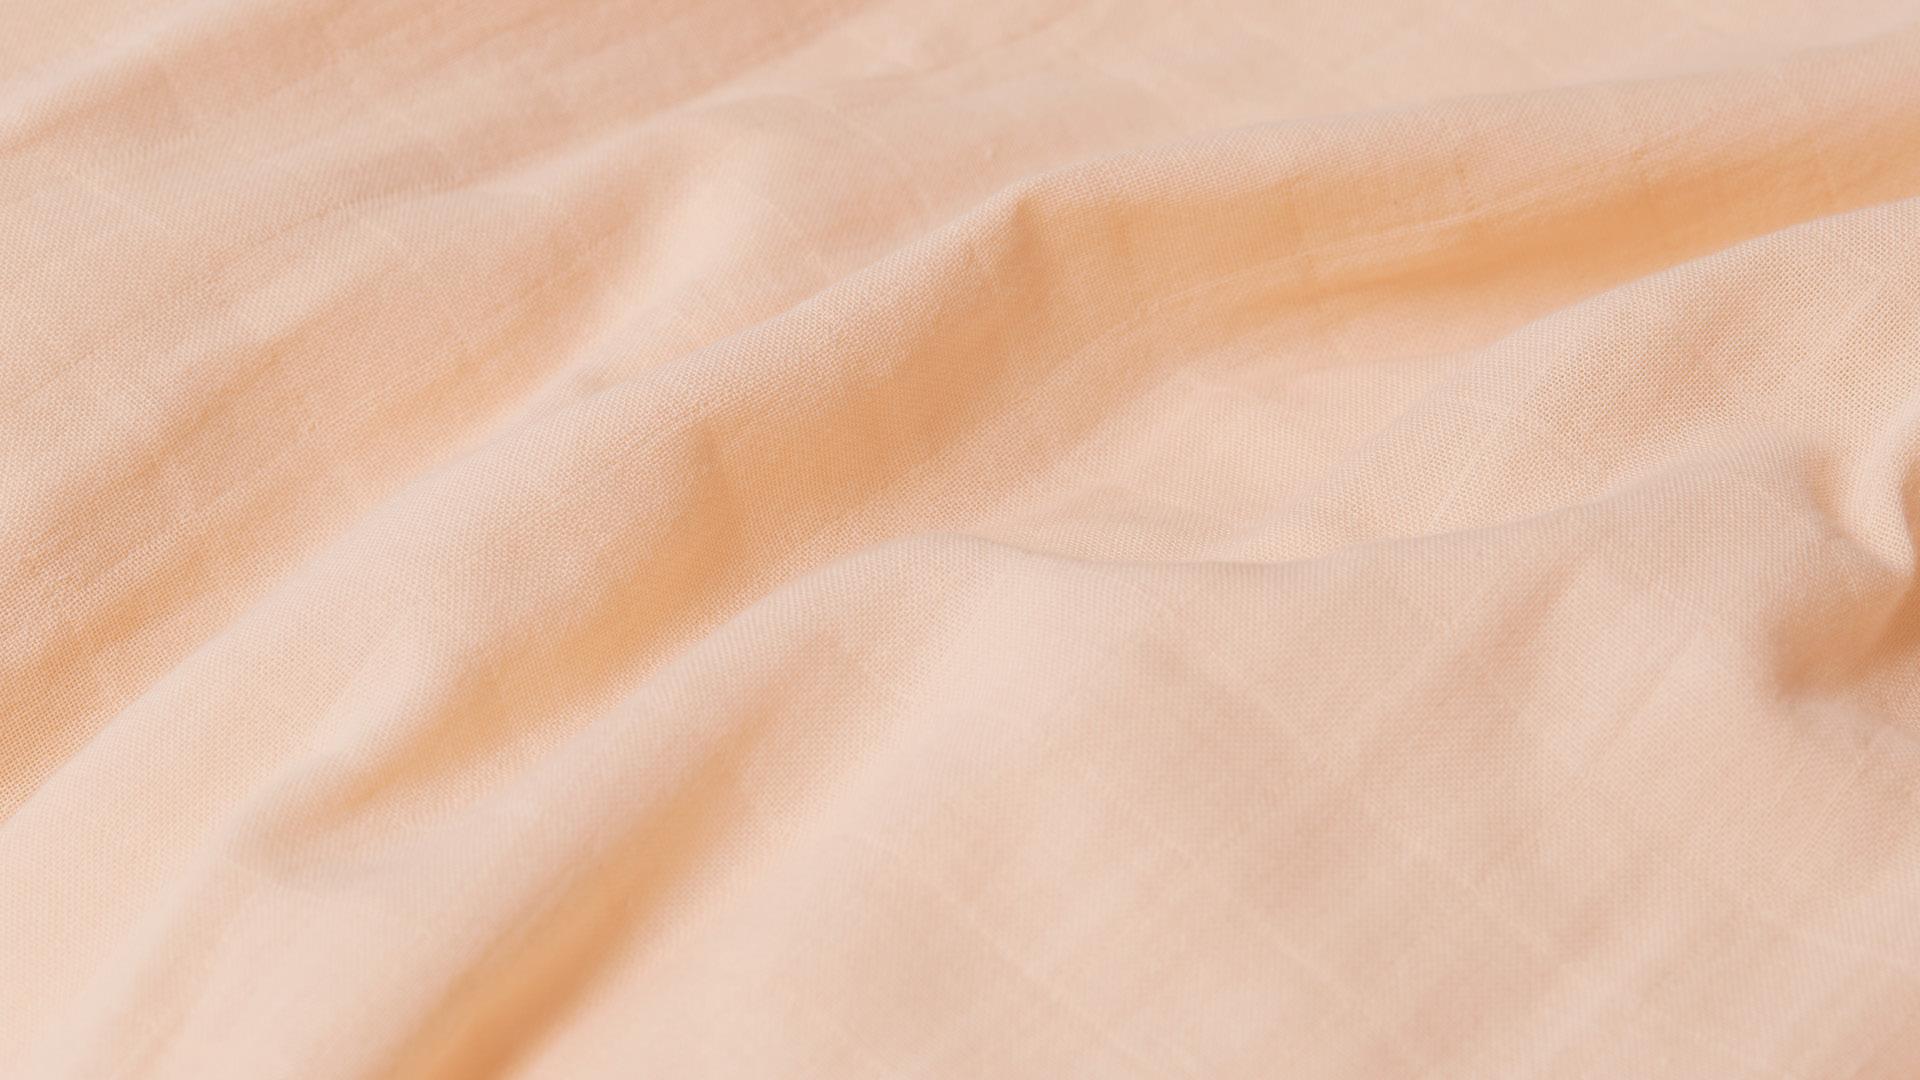 100%纯棉双层纱织,透气散热,越洗越蓬